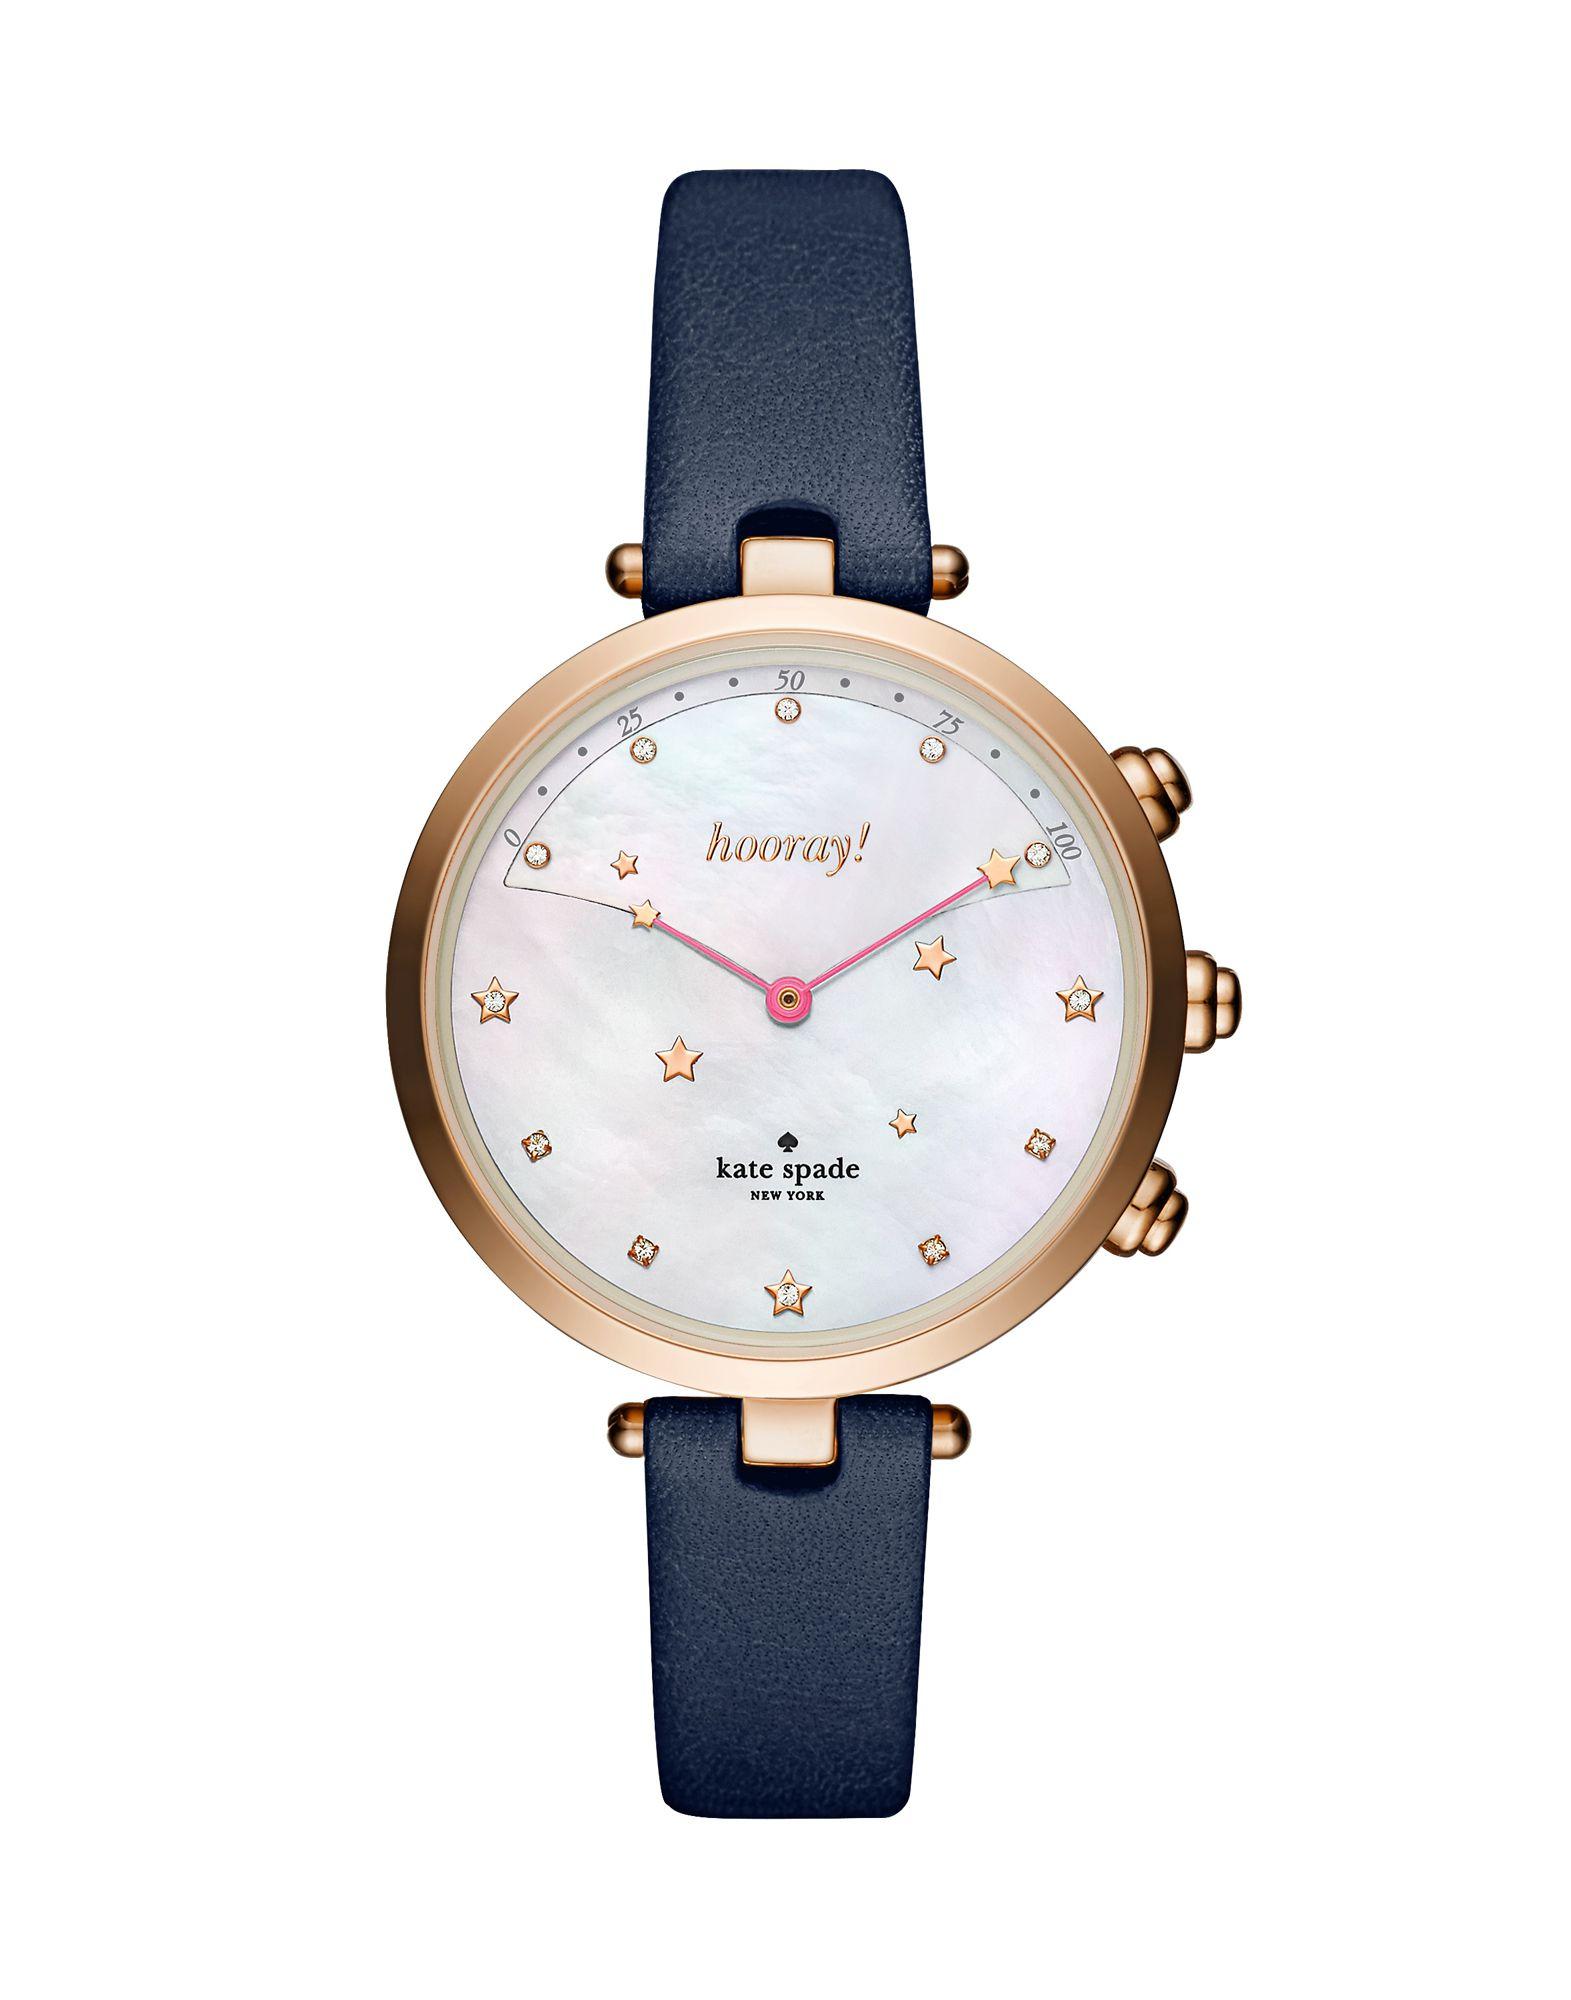 KATE SPADE New York Damen Smartwatch Farbe Weiß Größe 1 jetztbilligerkaufen